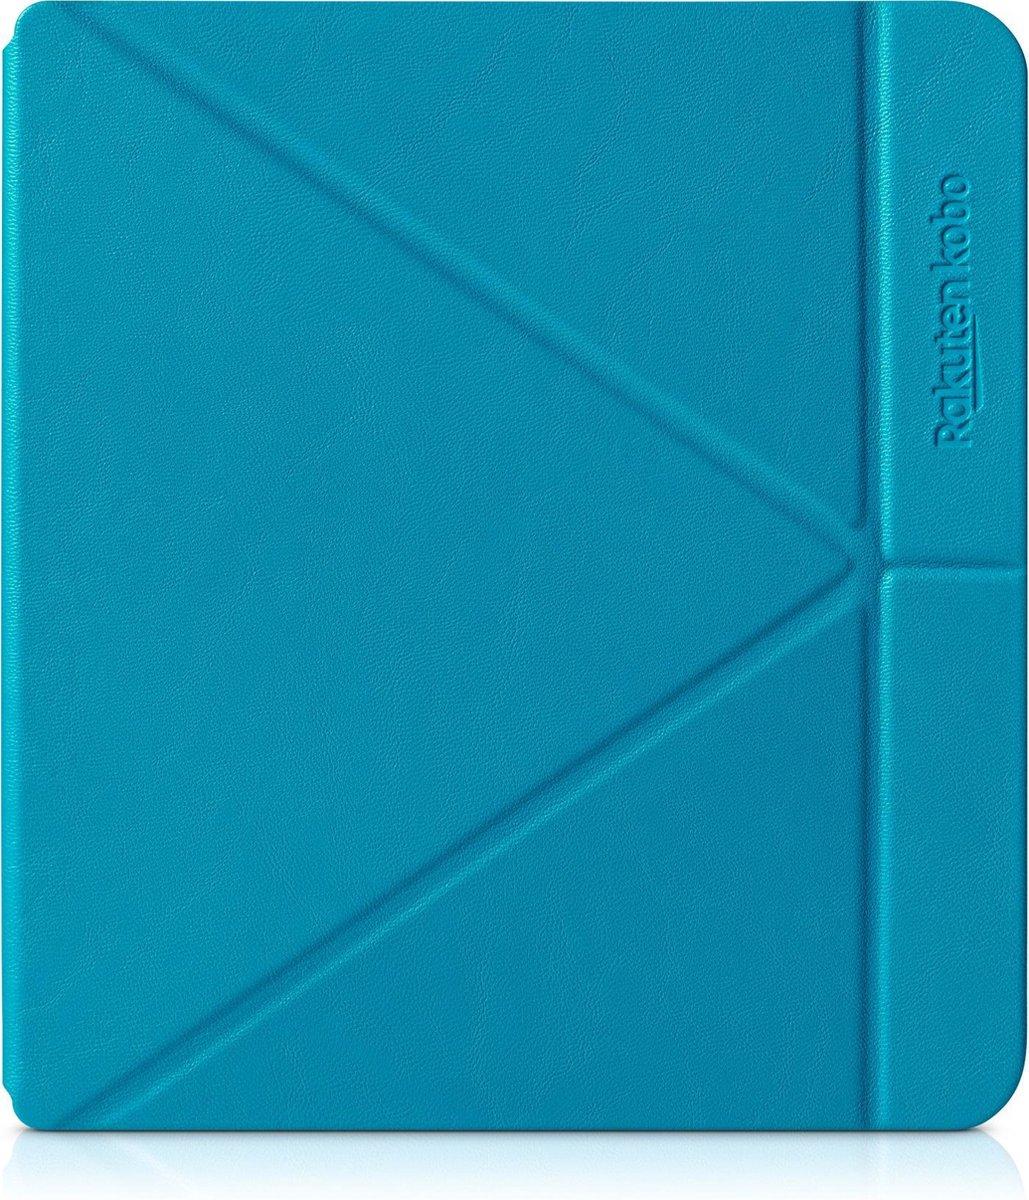 Kobo - Beschermhoes Sleepcover voor Kobo Libra - Aqua